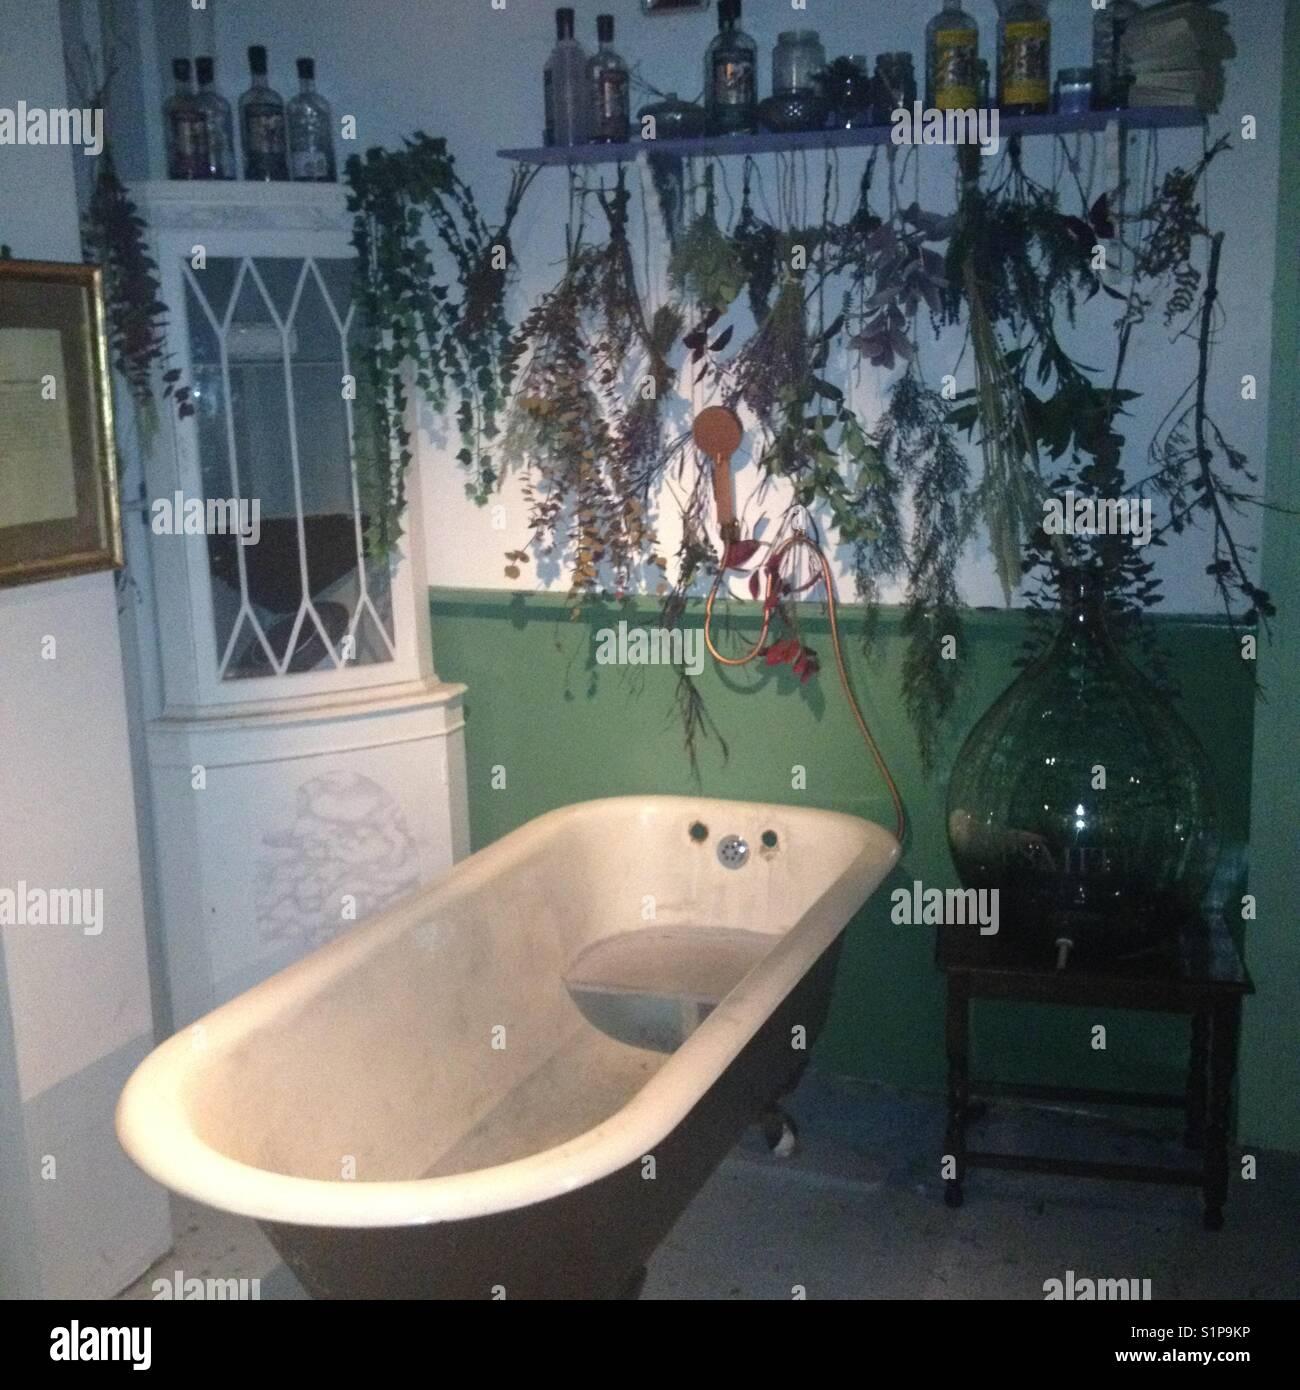 Bathtub Gin Stock Photo Alamy